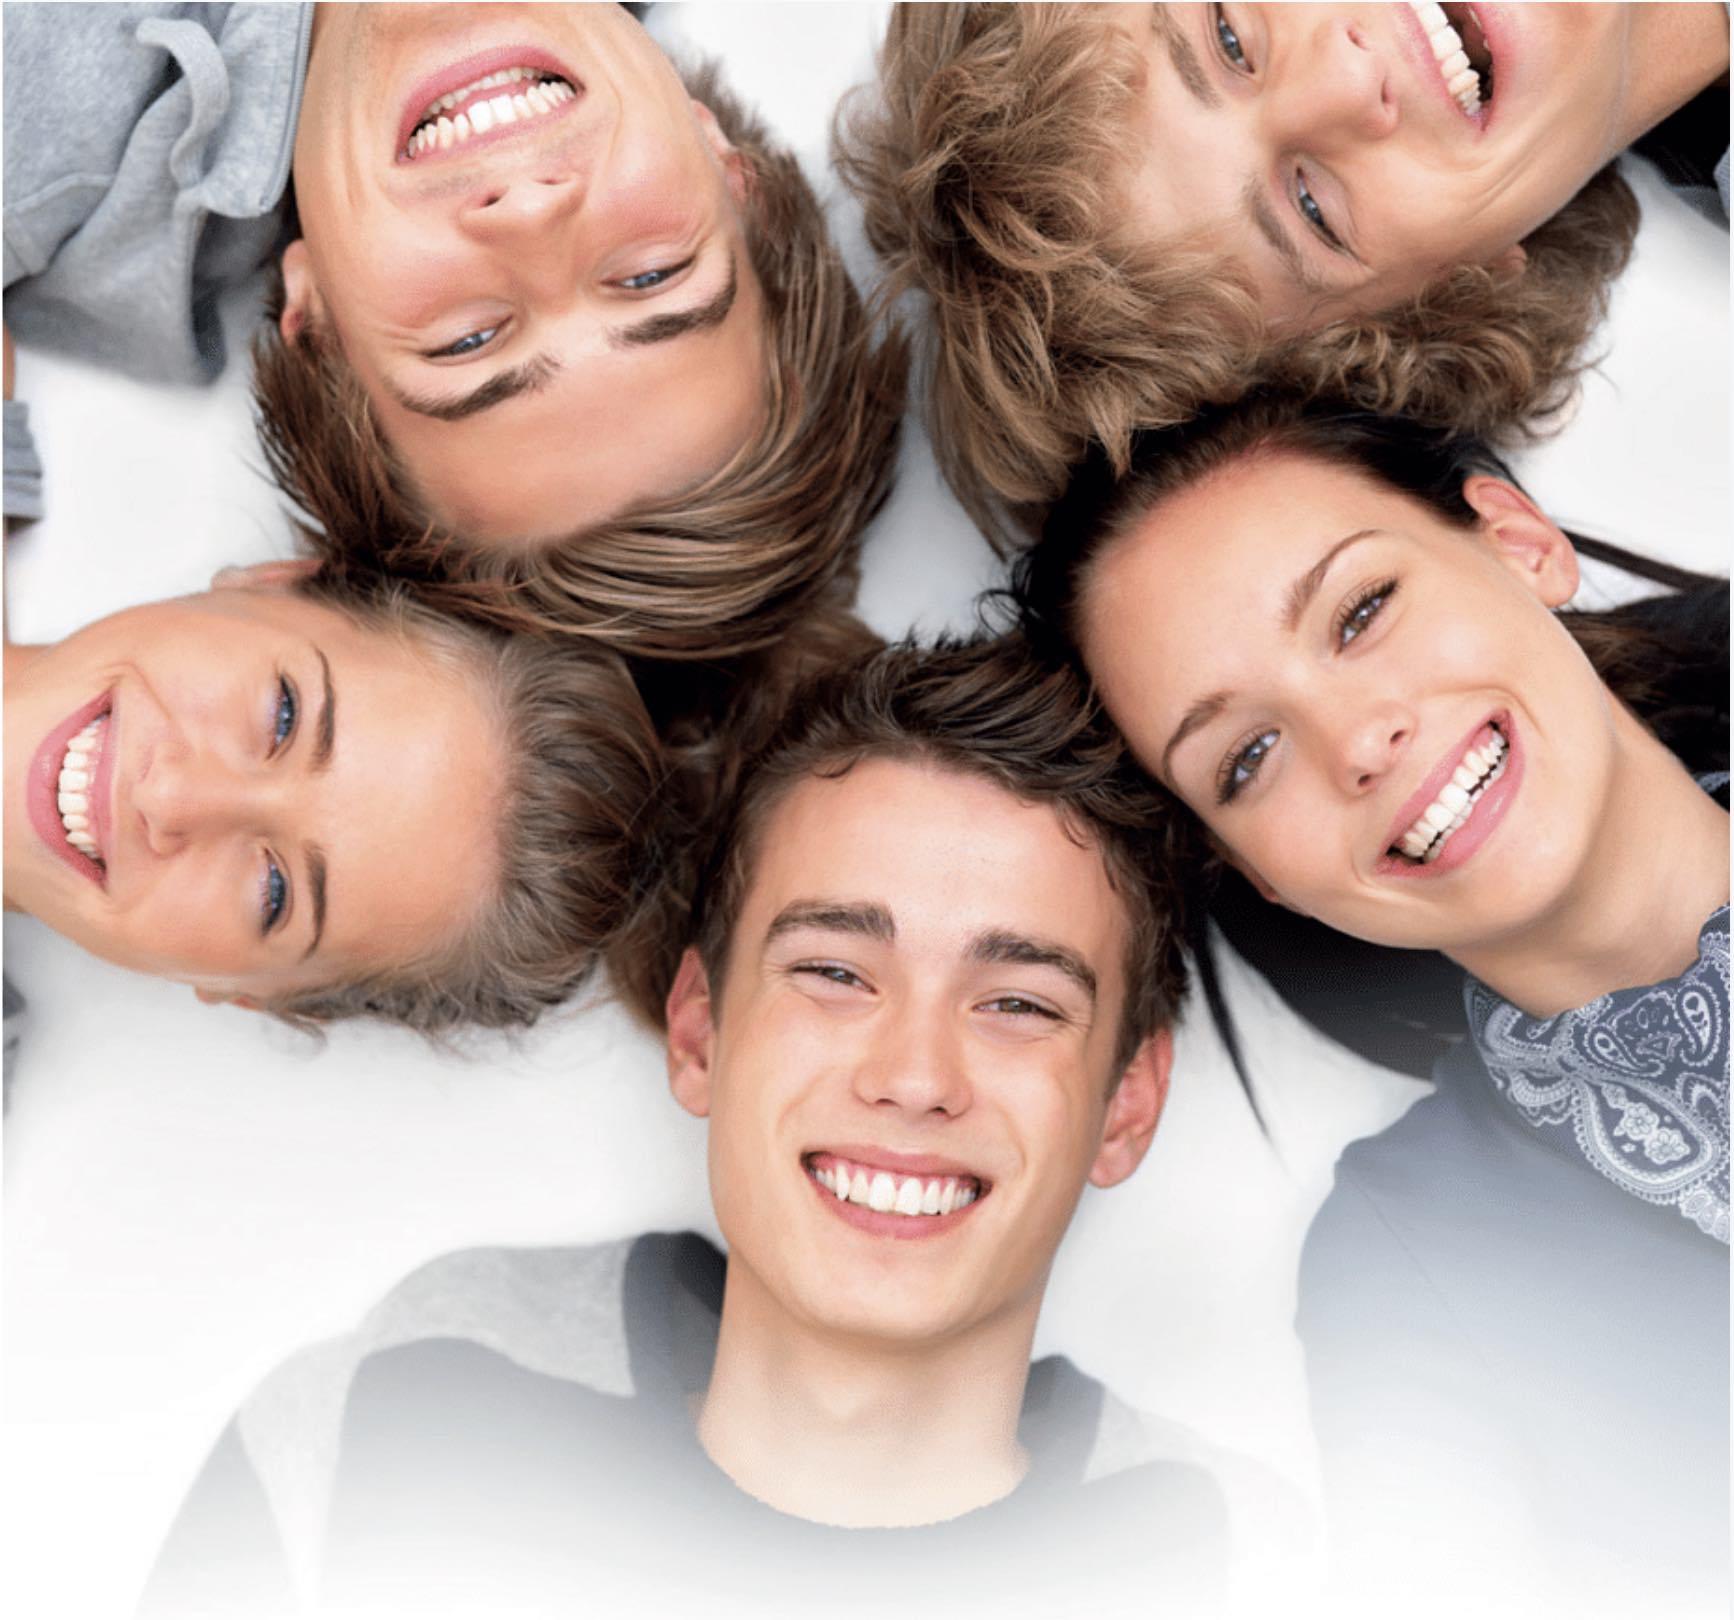 lingual adolescents